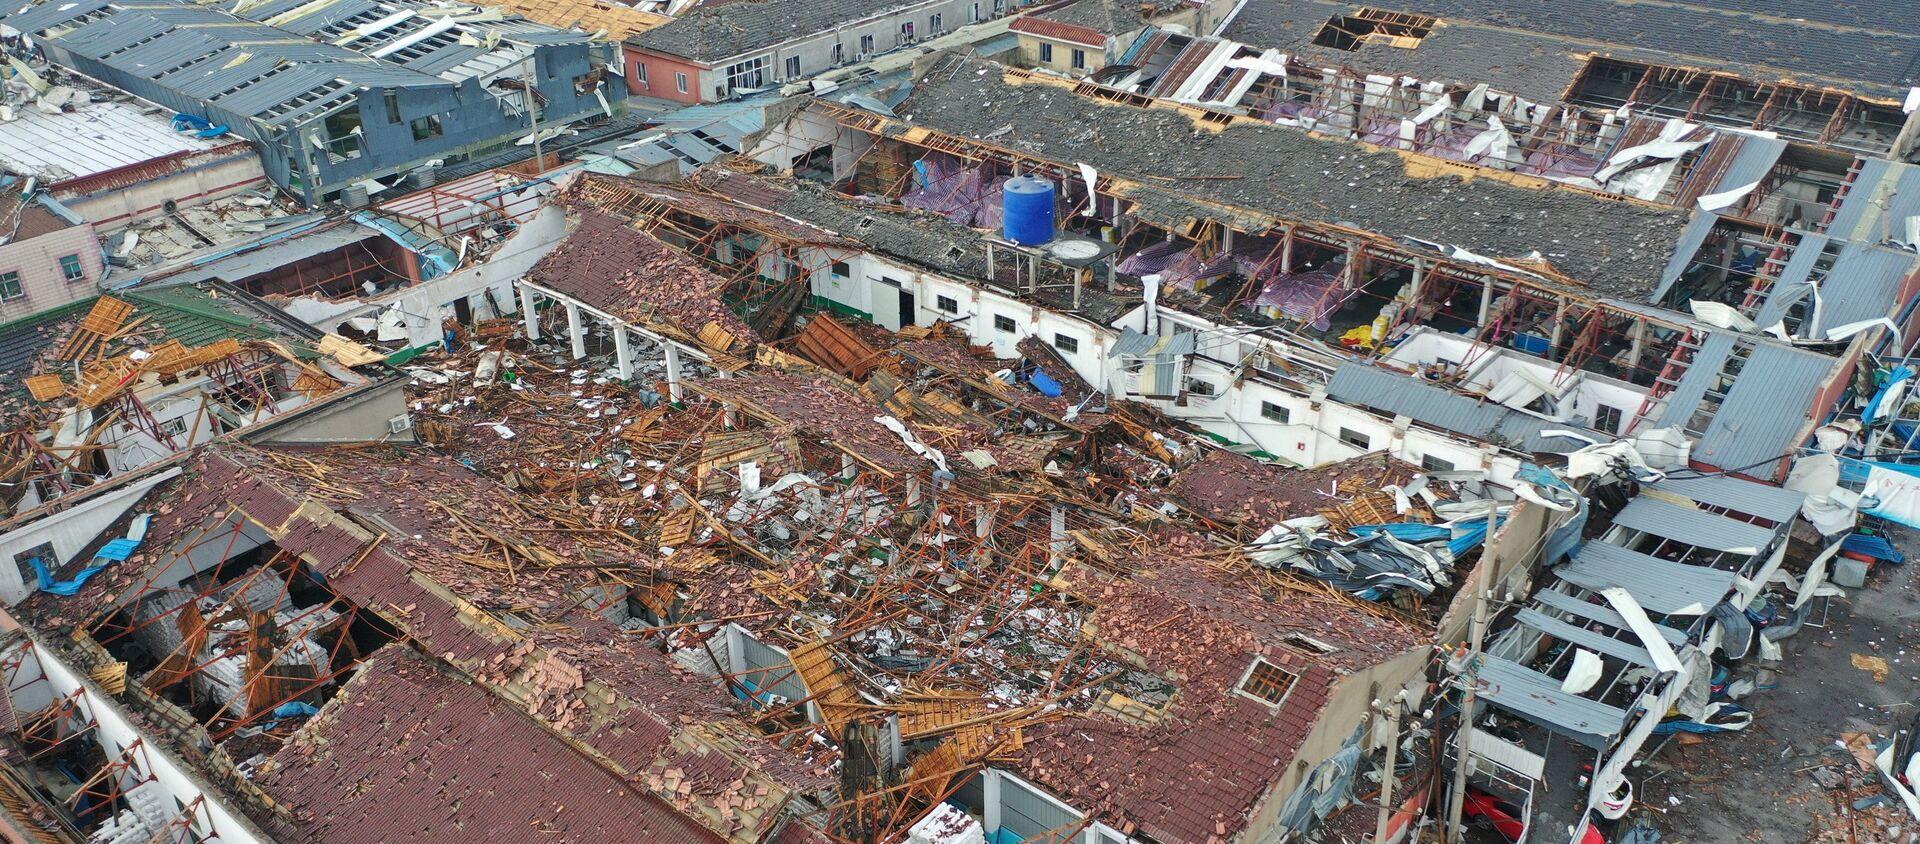 Поврежденные ураганом здания в Китае - Sputnik Беларусь, 1920, 16.05.2021